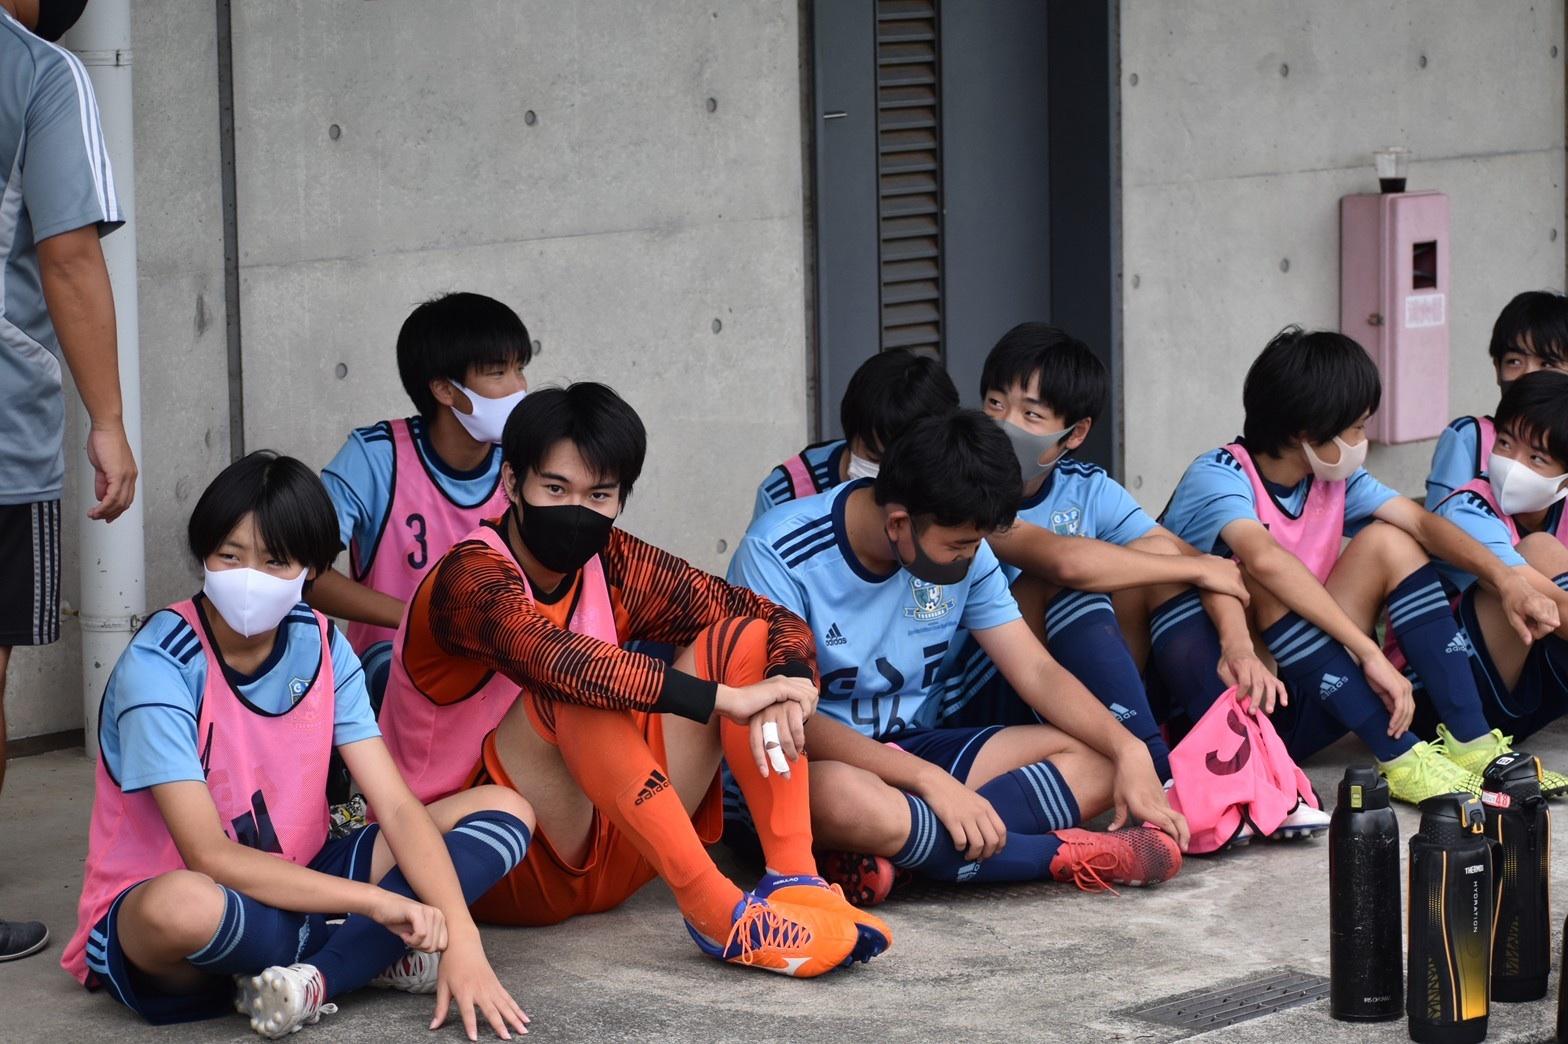 2020年度 高円宮杯JFA第32回全日本ユース(U-15)サッカー選手権2回戦_a0109314_18550524.jpeg